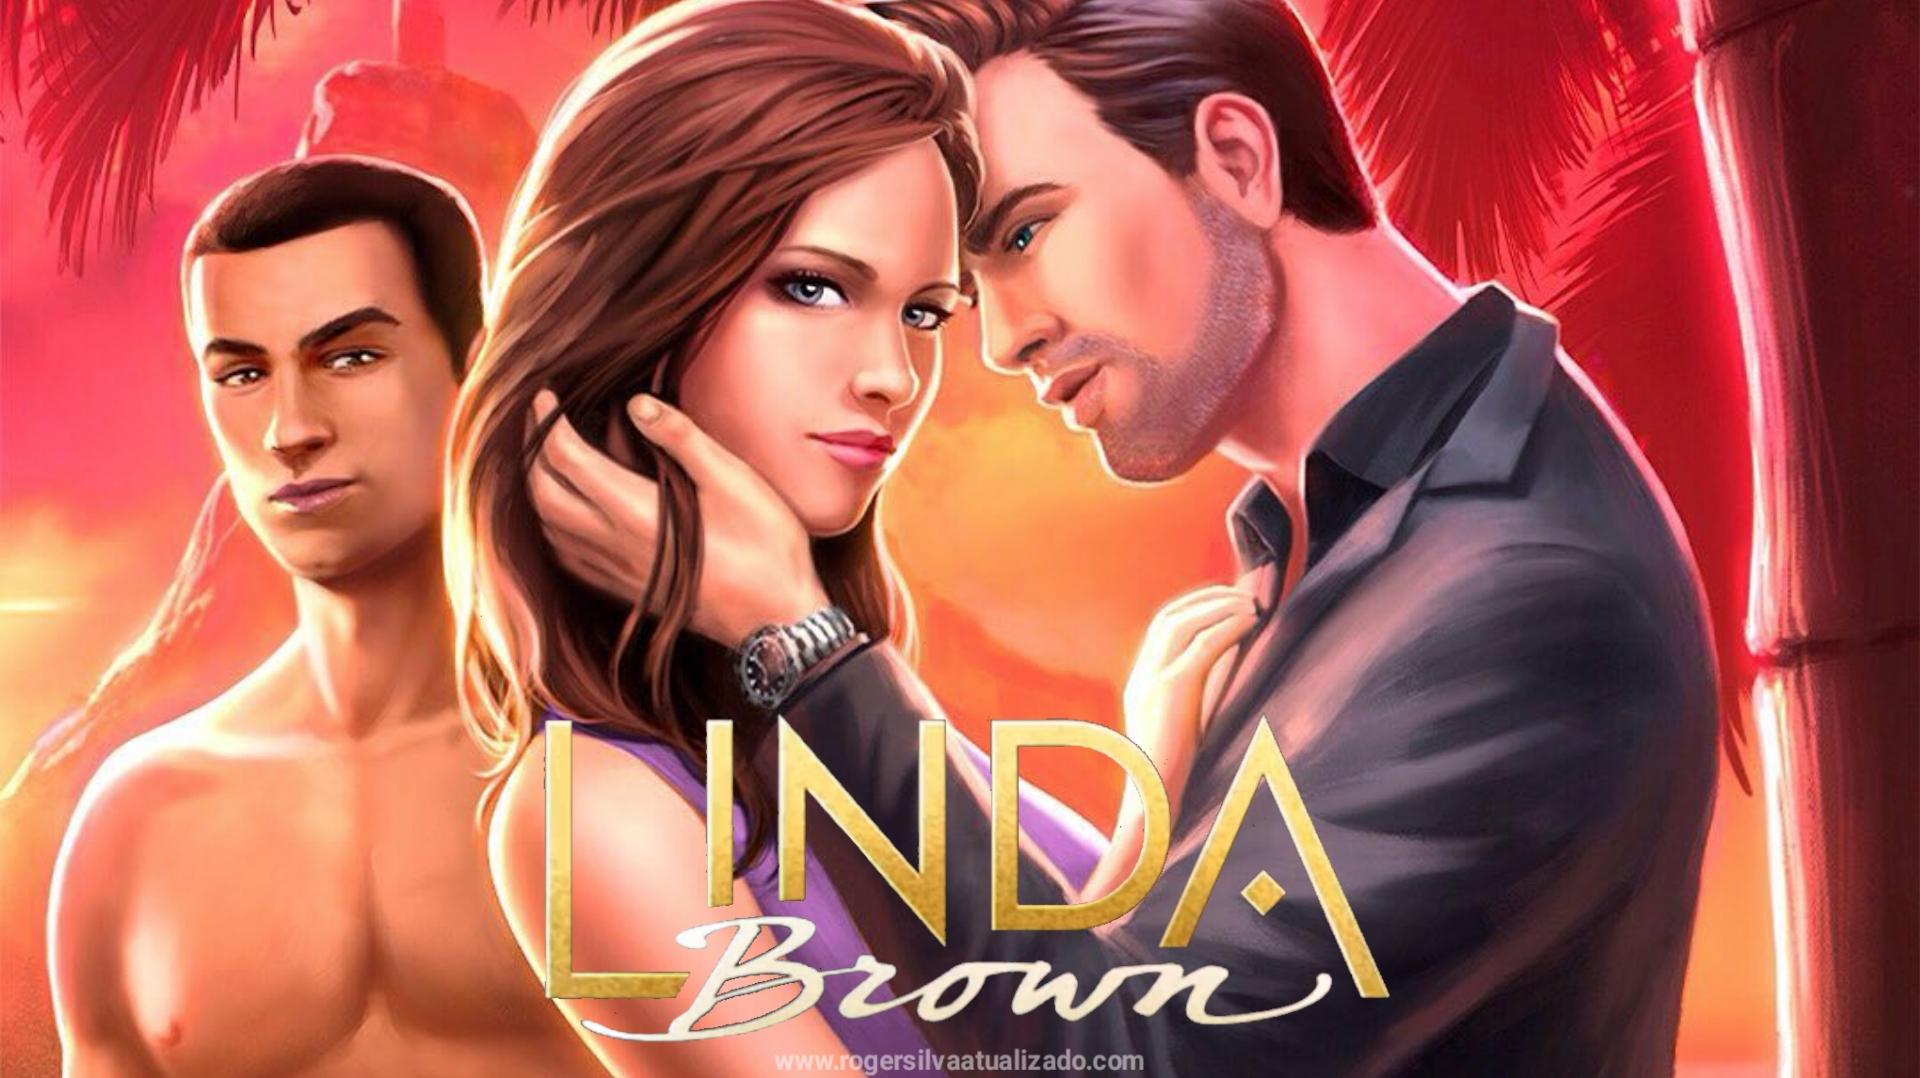 Linda Brown mod apk diamantes infinitos